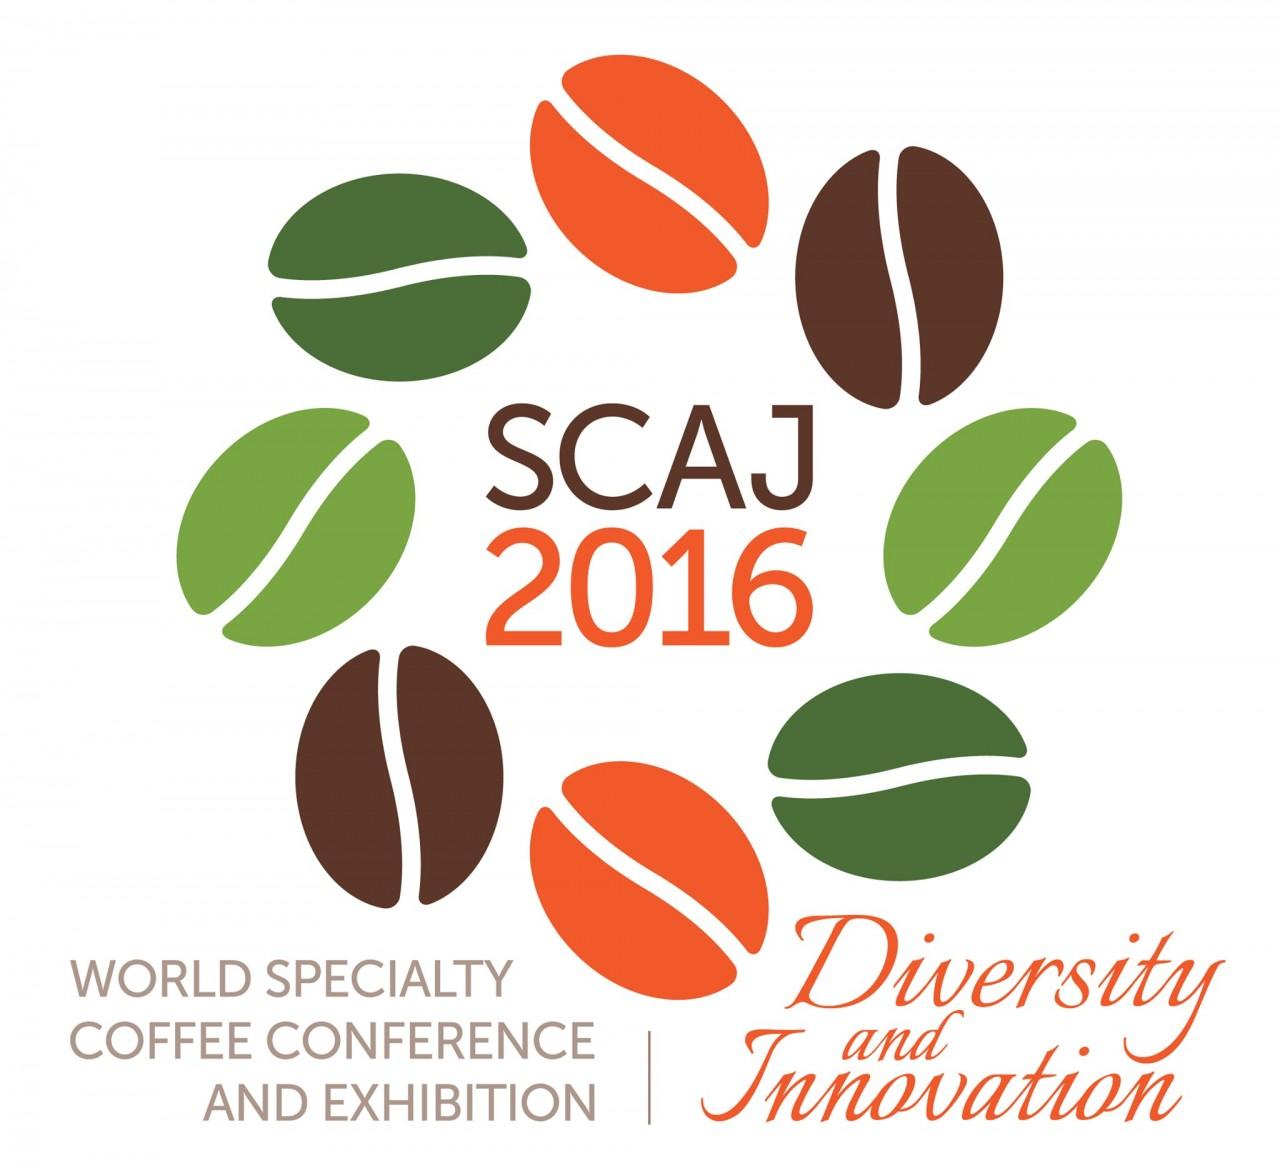 スペシャルティコーヒーの祭典、SCAJ2016が開催されます